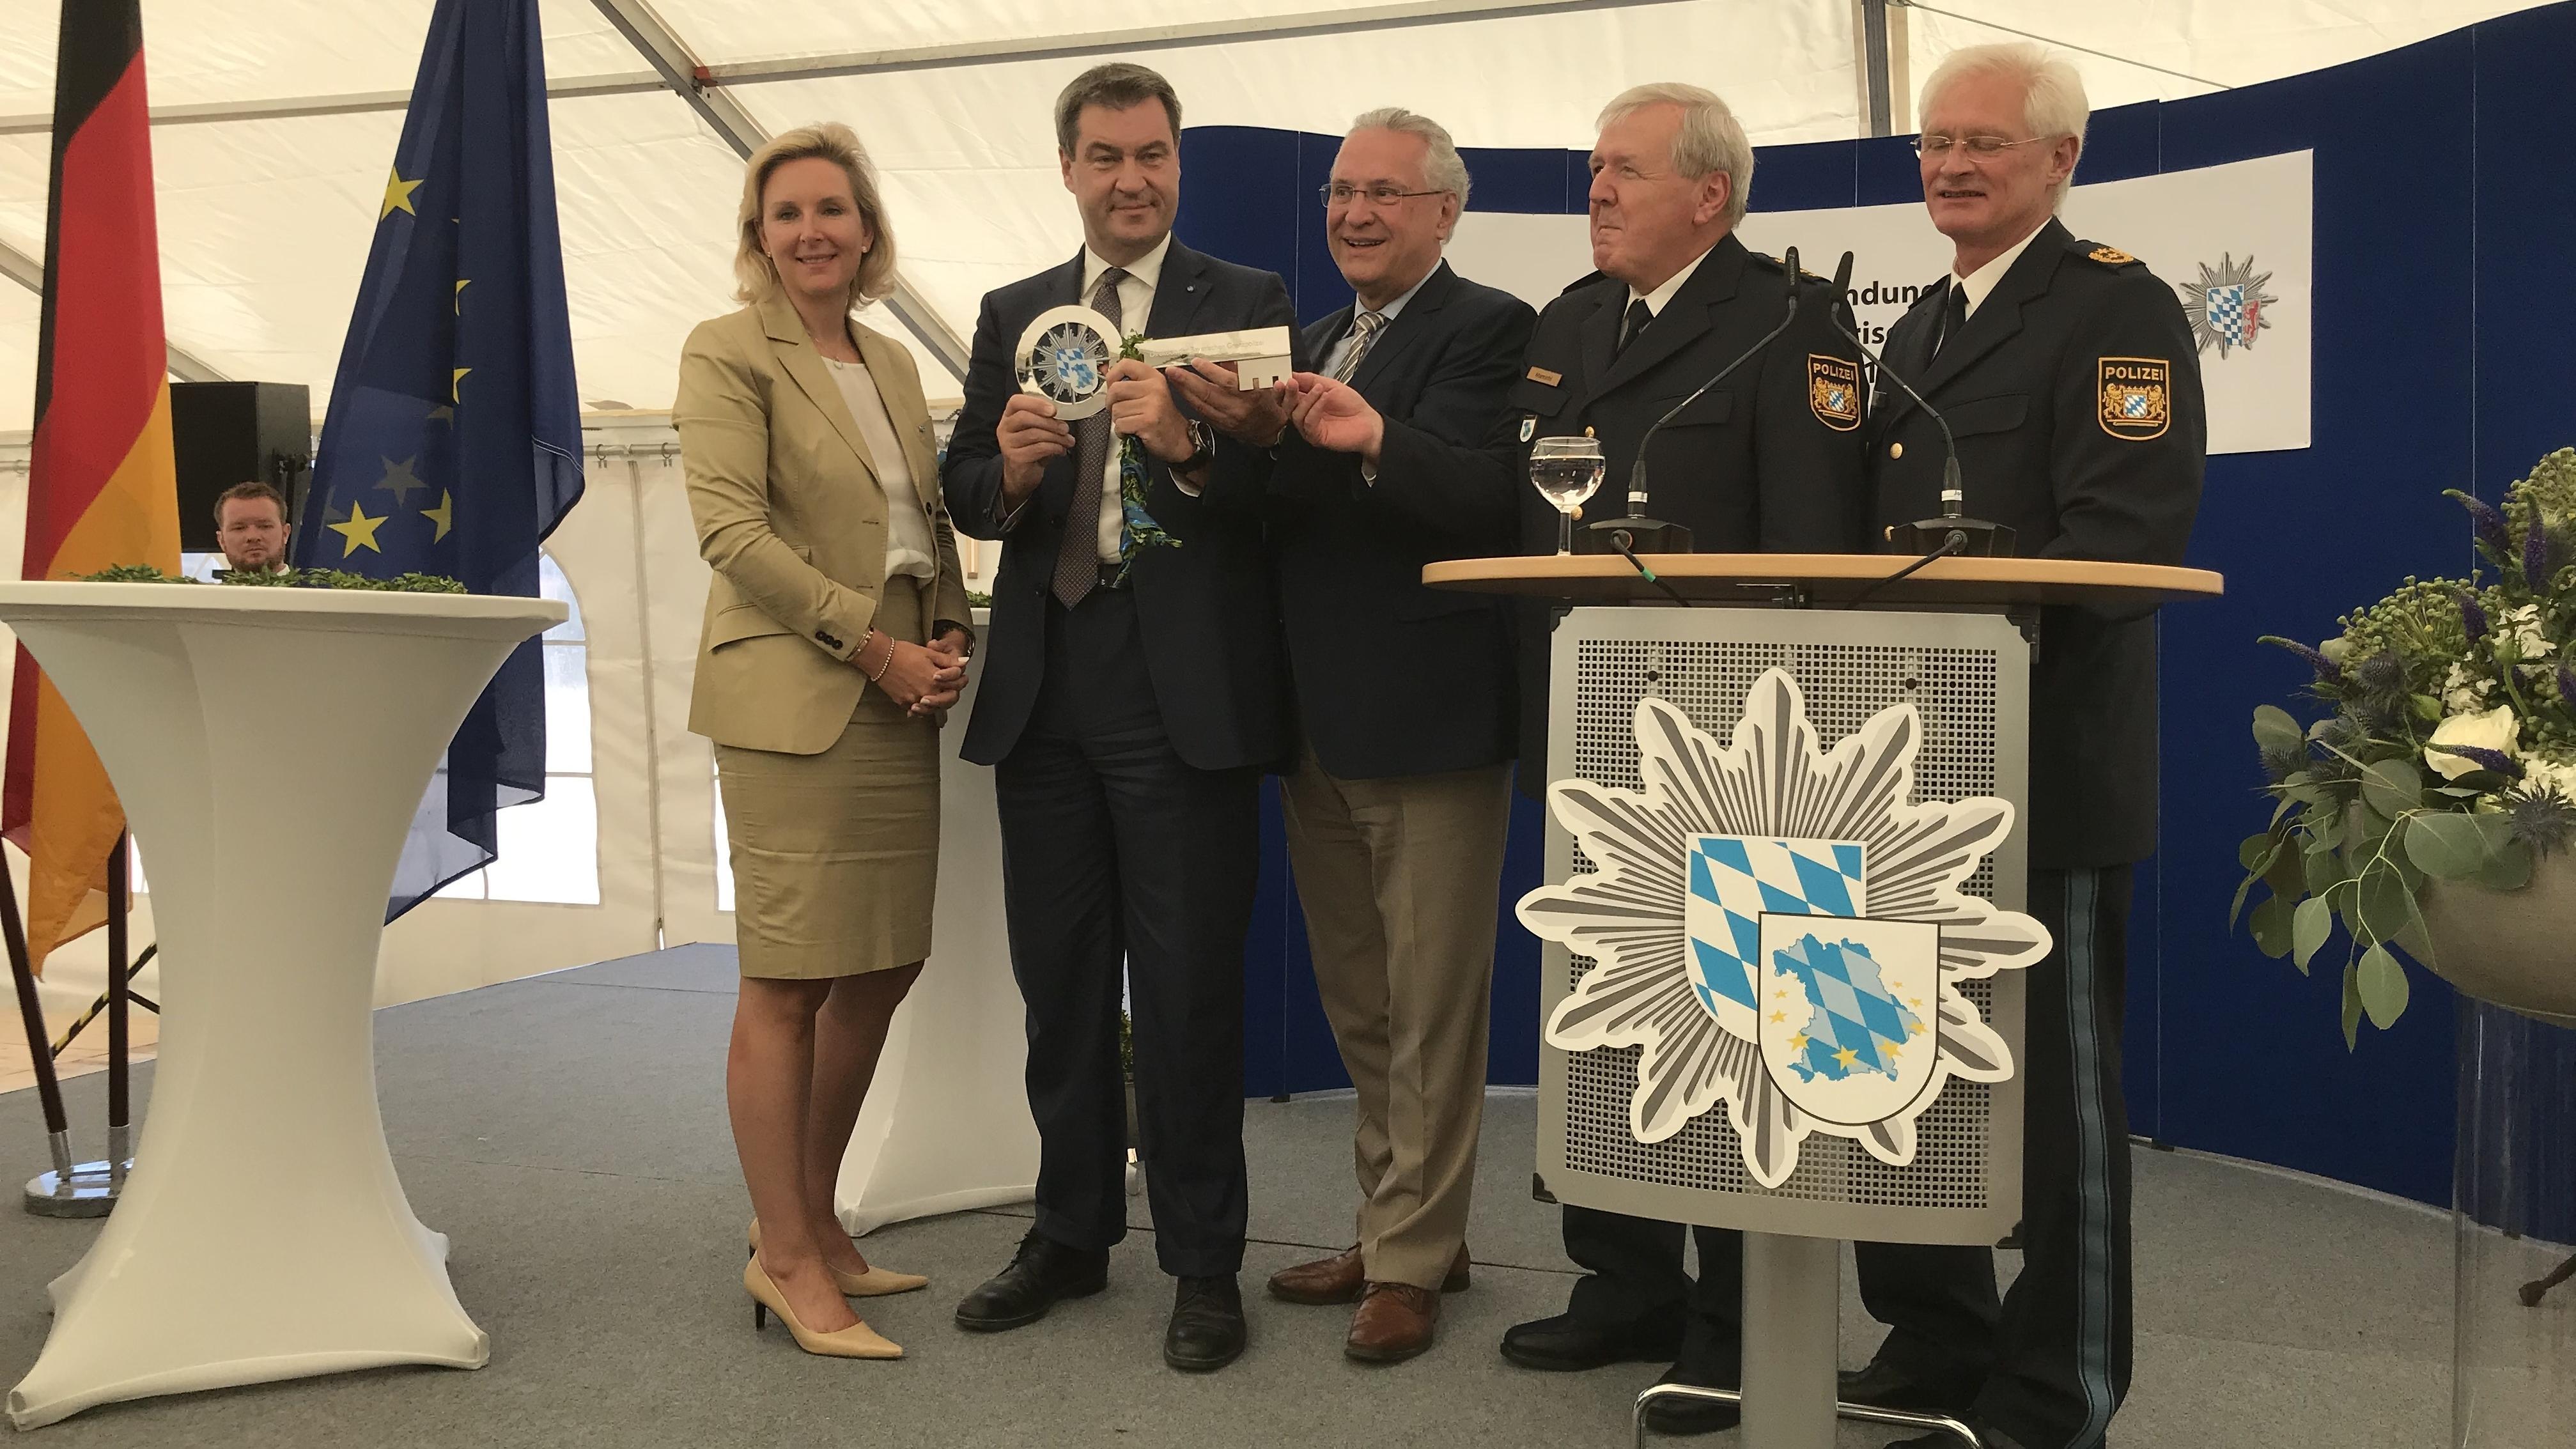 Symbolische Schlüsselübergabe an die neue gegründete bayerische Grenzpolizei